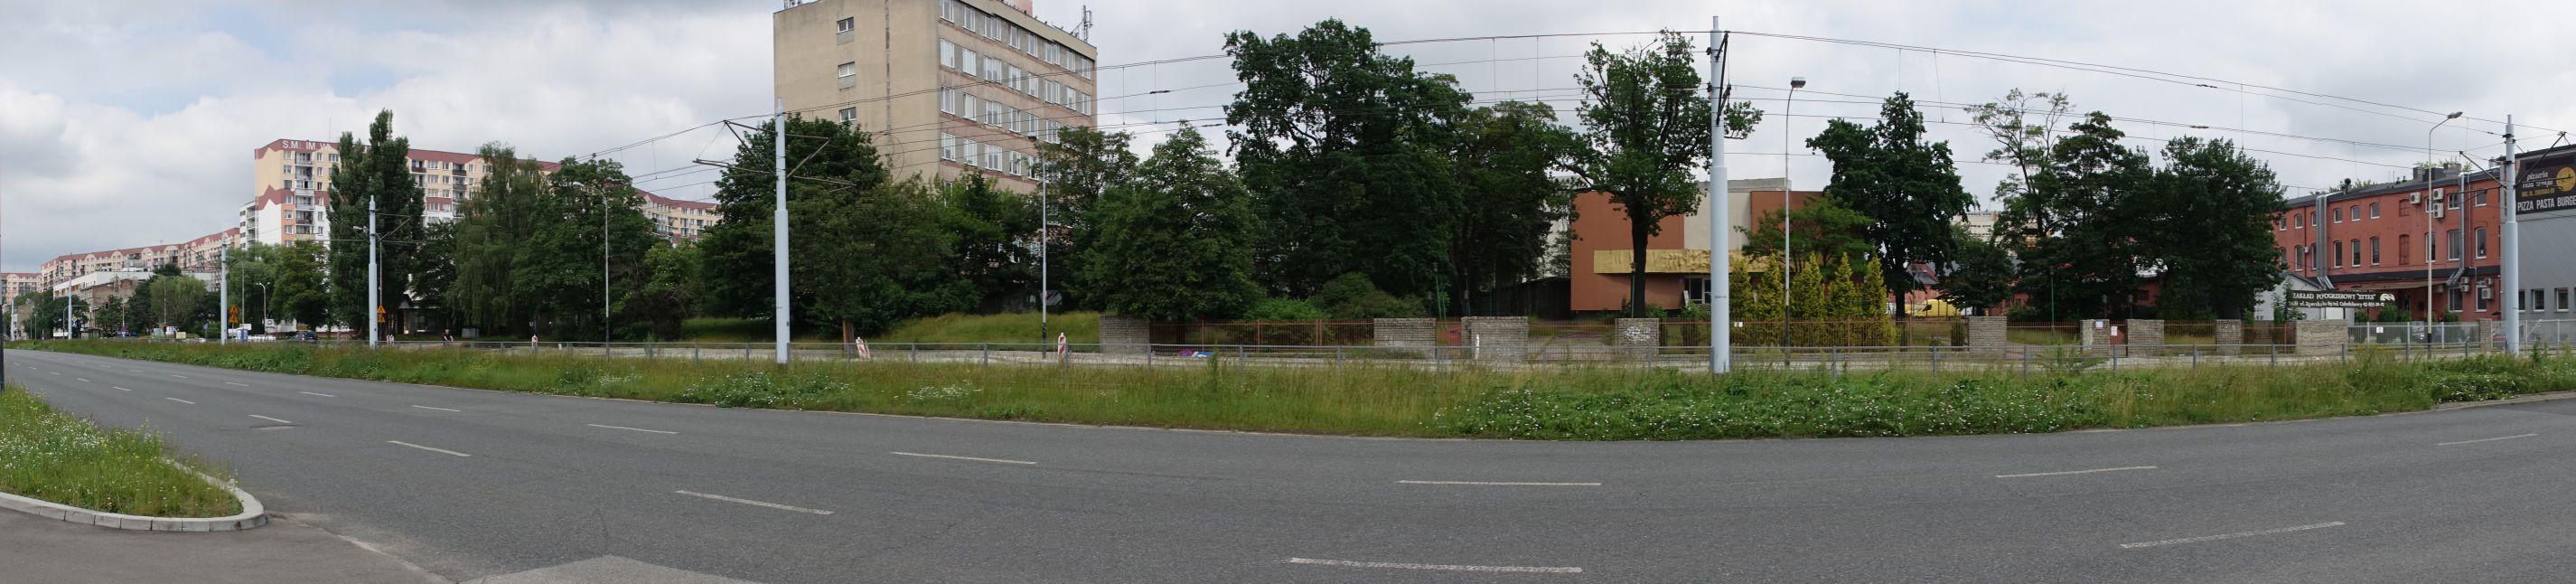 Zgierska10